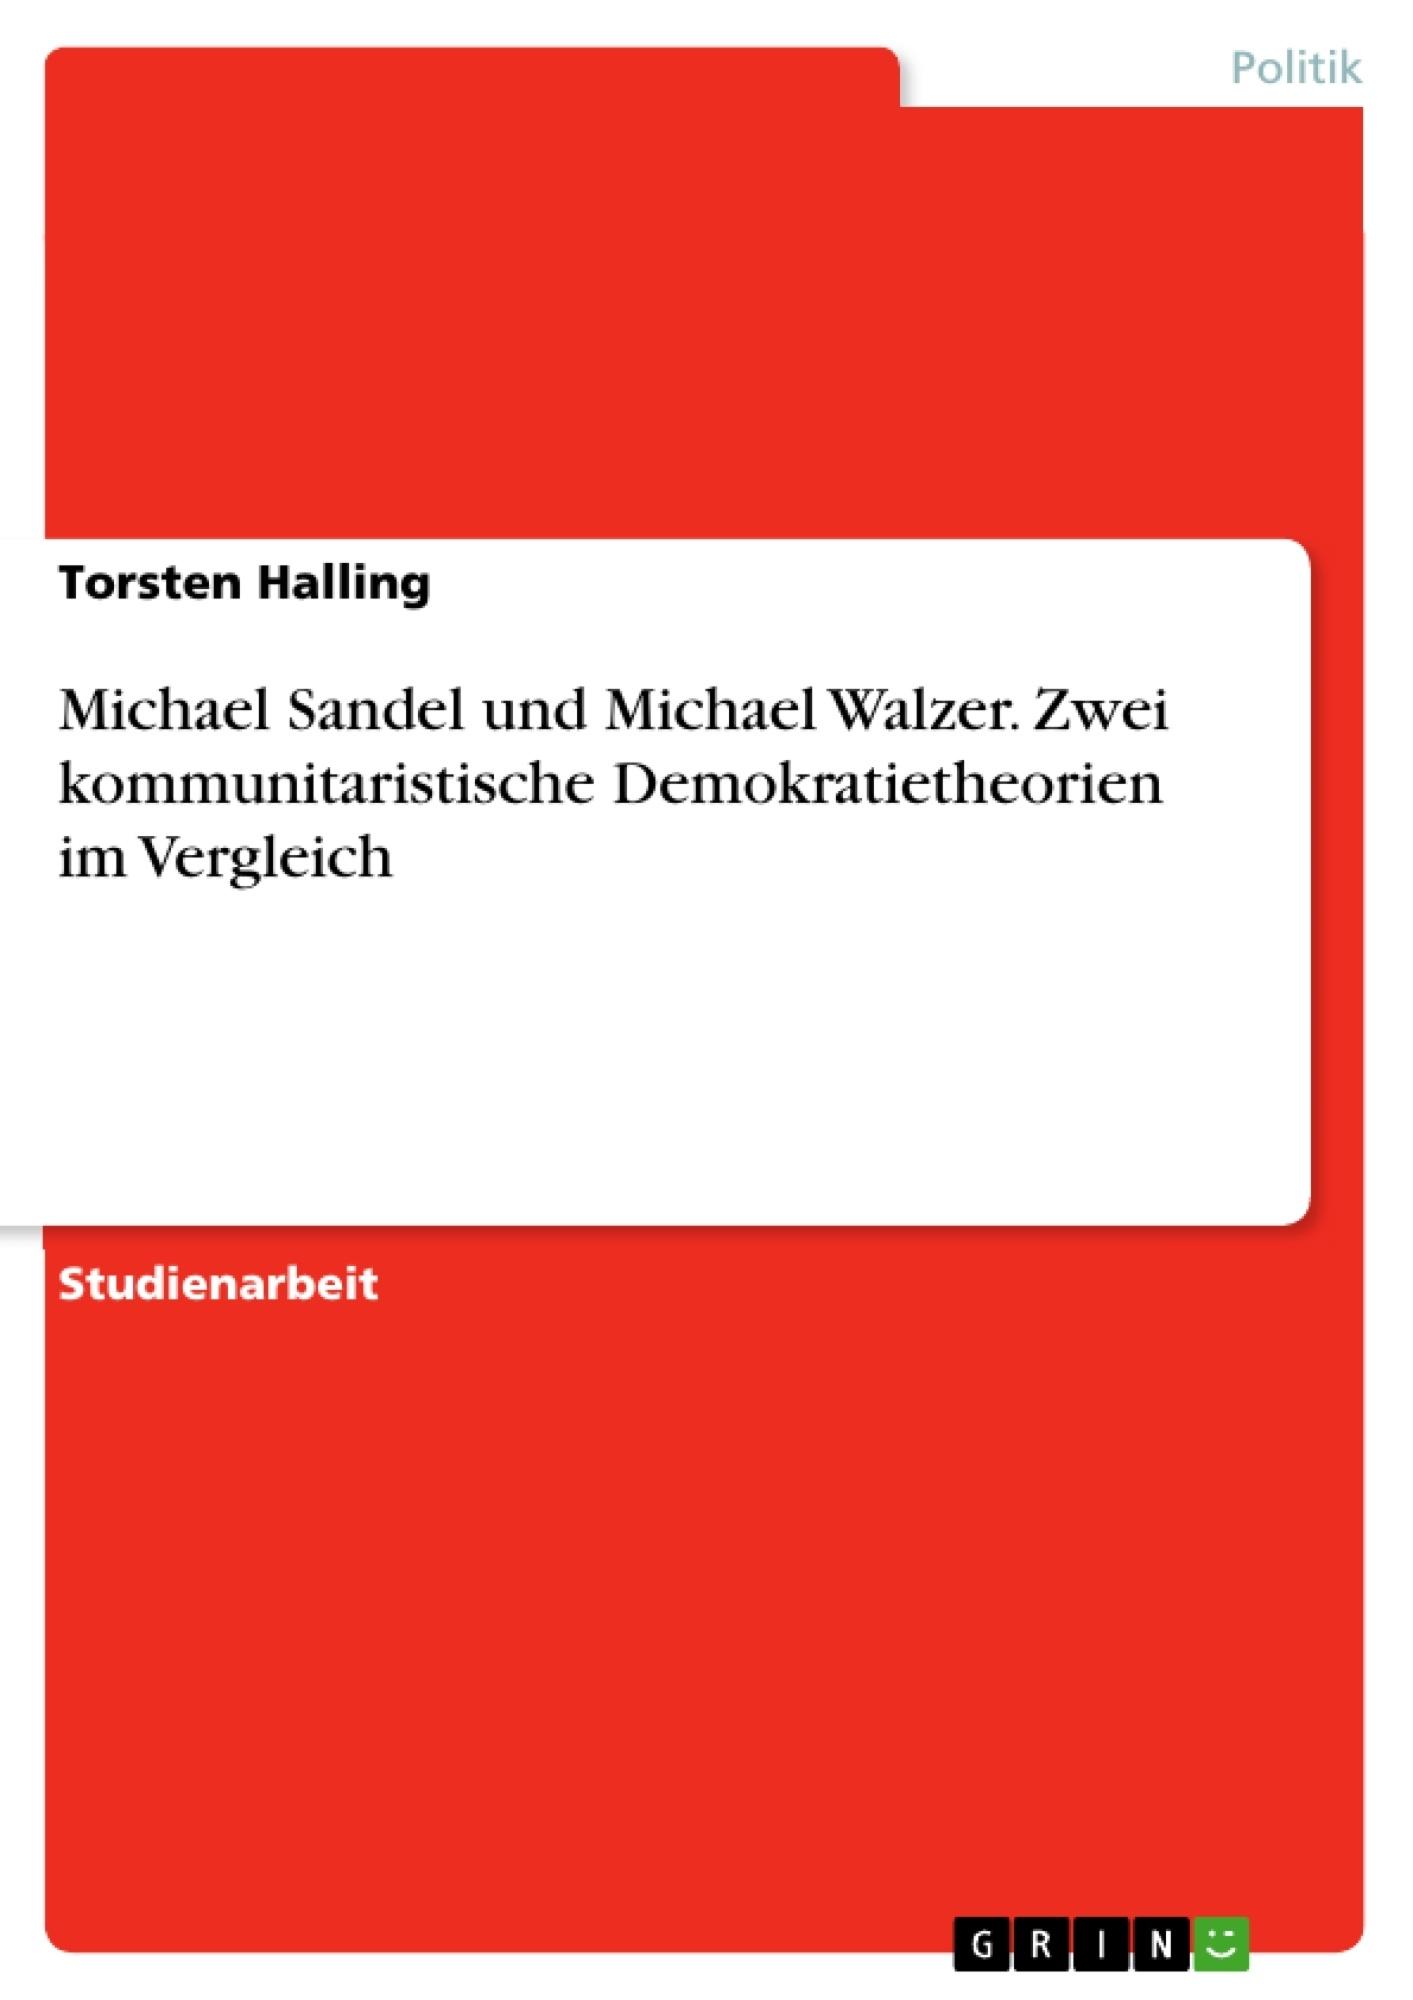 Titel: Michael Sandel und Michael Walzer. Zwei kommunitaristische Demokratietheorien im Vergleich